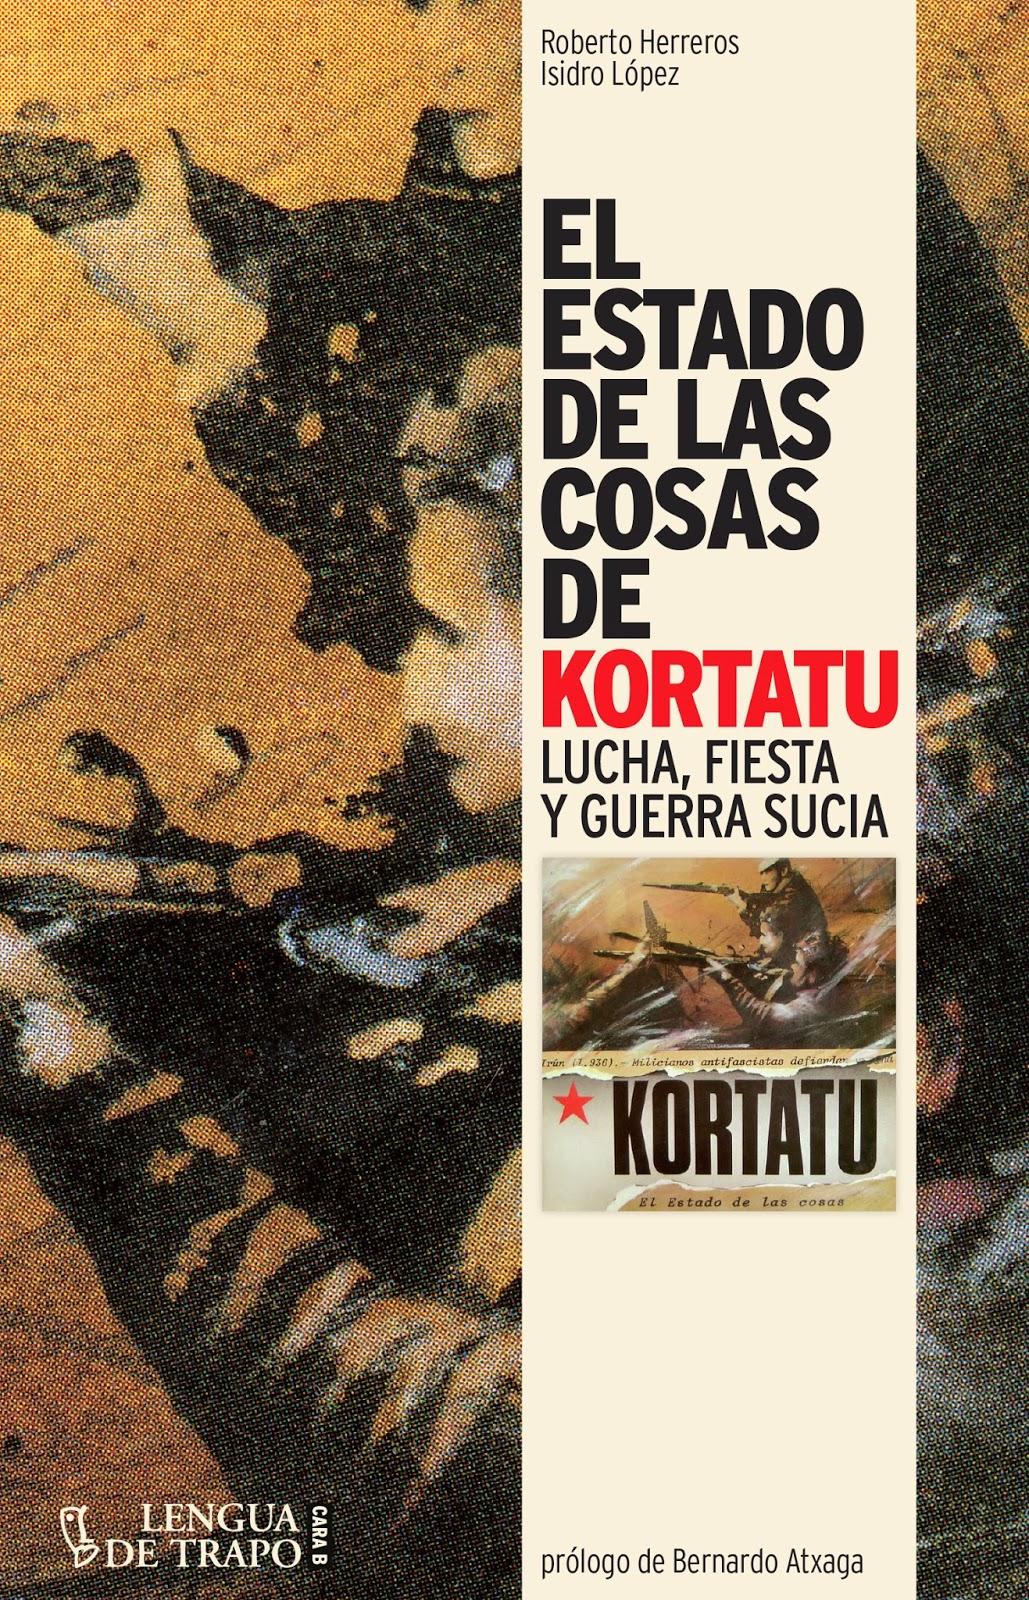 http://www.lenguadetrapo.com/libro.php?sec=DE&item=351